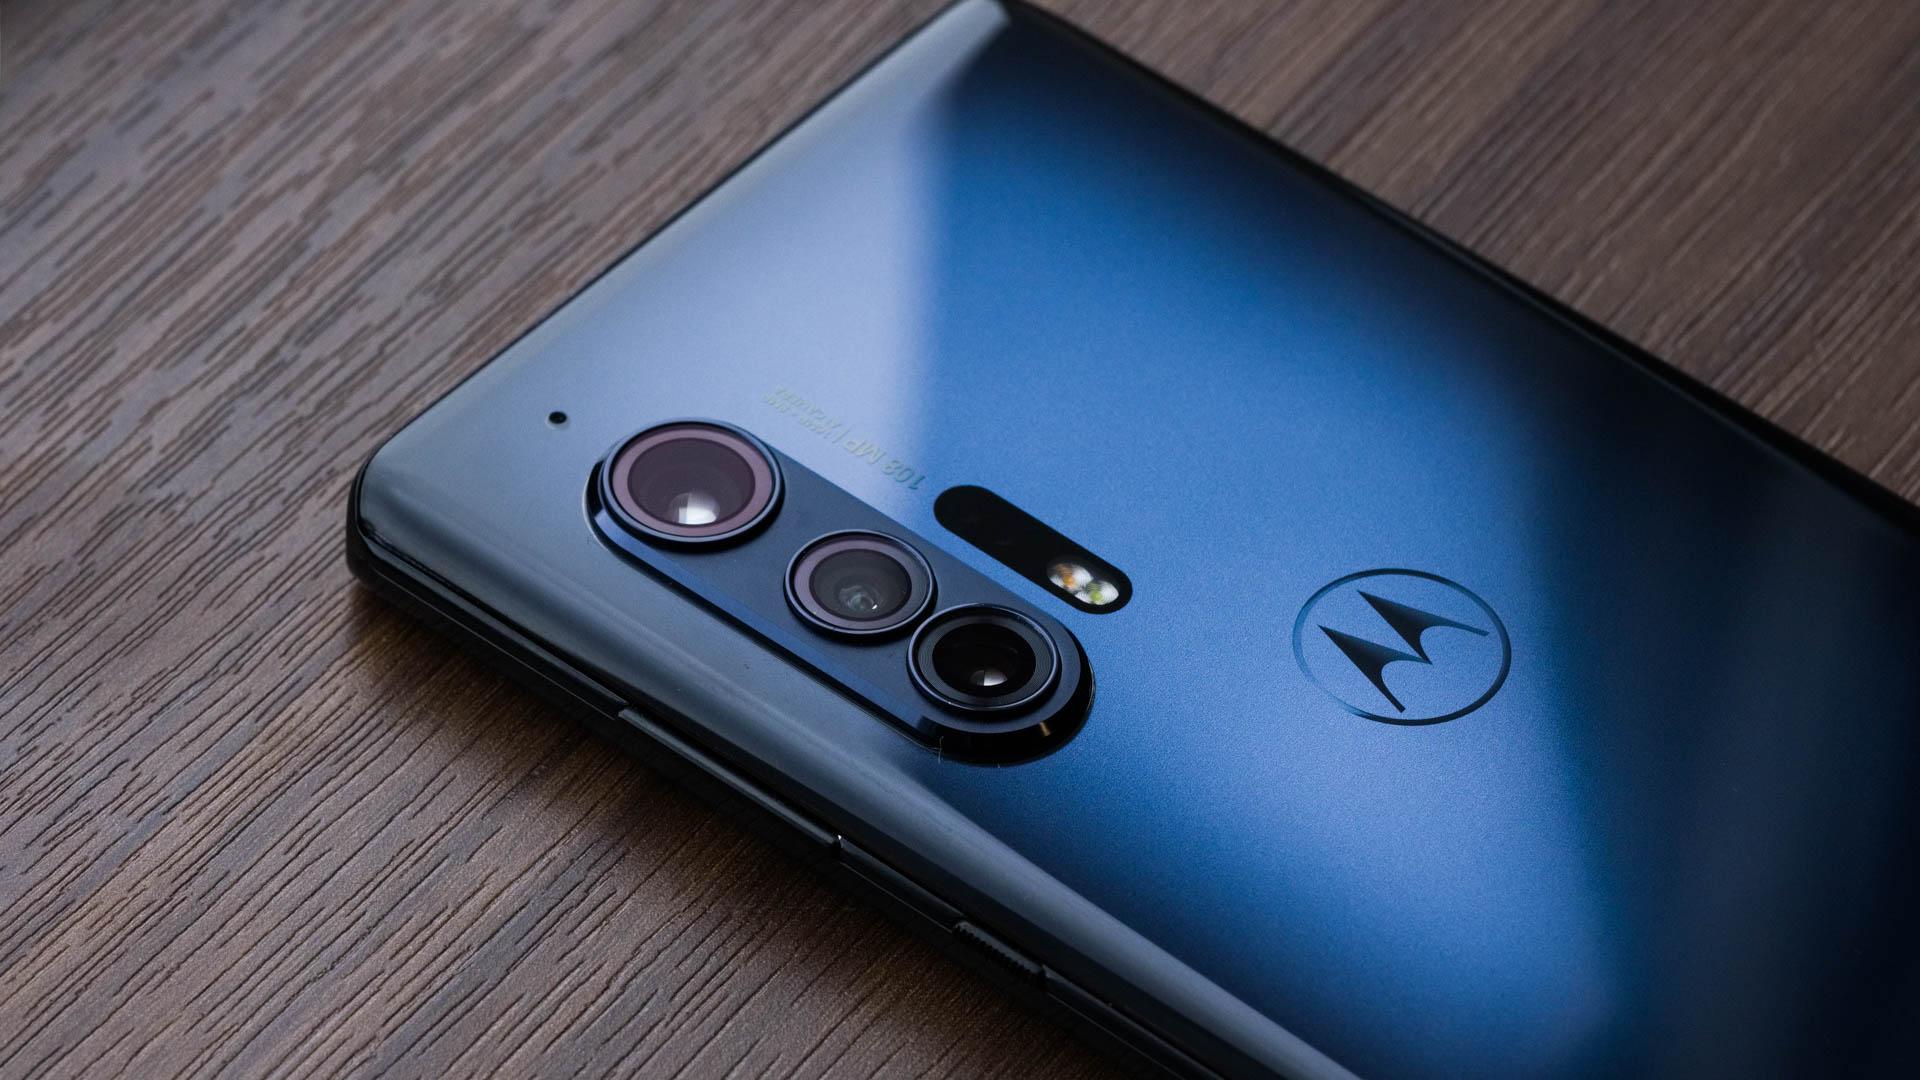 Motorola Edge+ Price